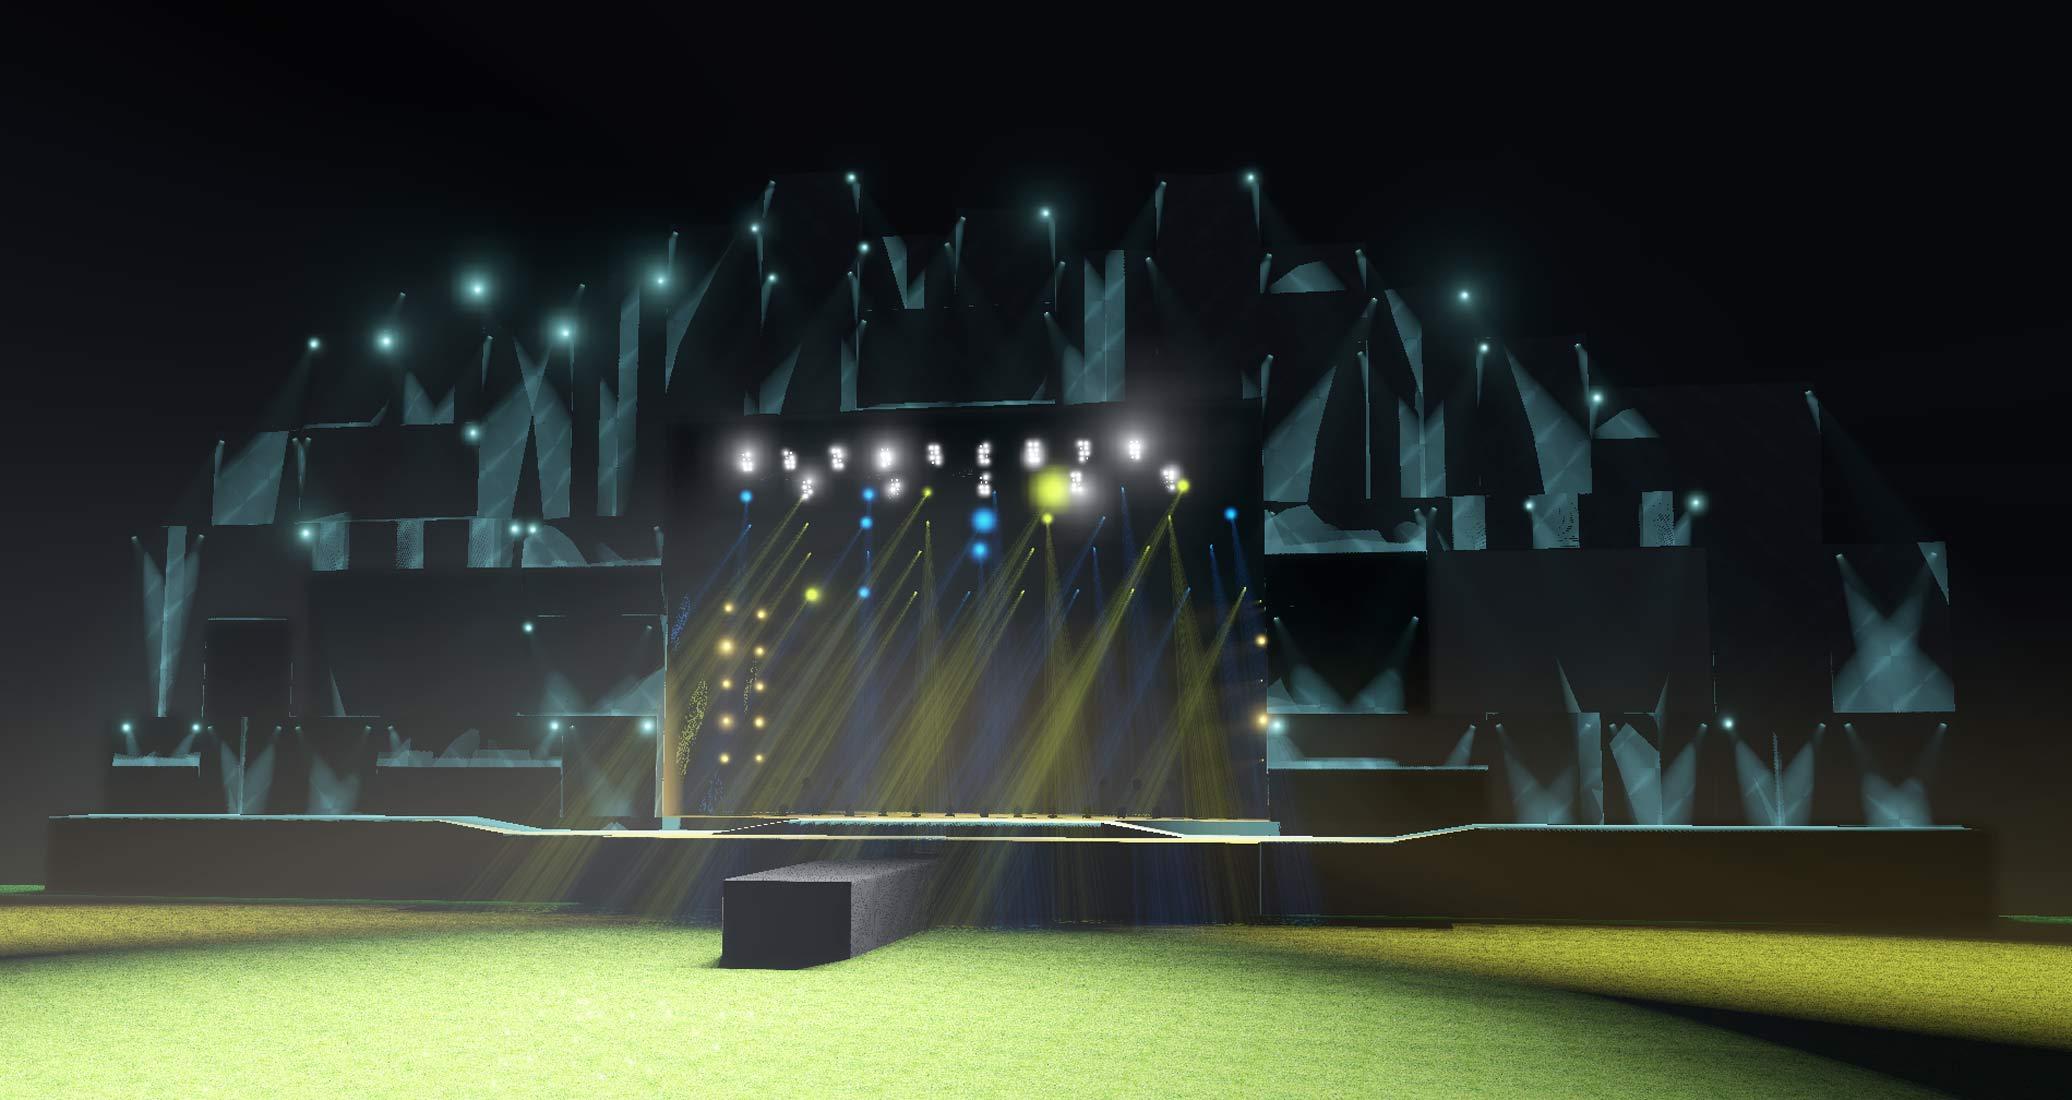 Lighting design vectorworks sst outdoor lighting archoncad